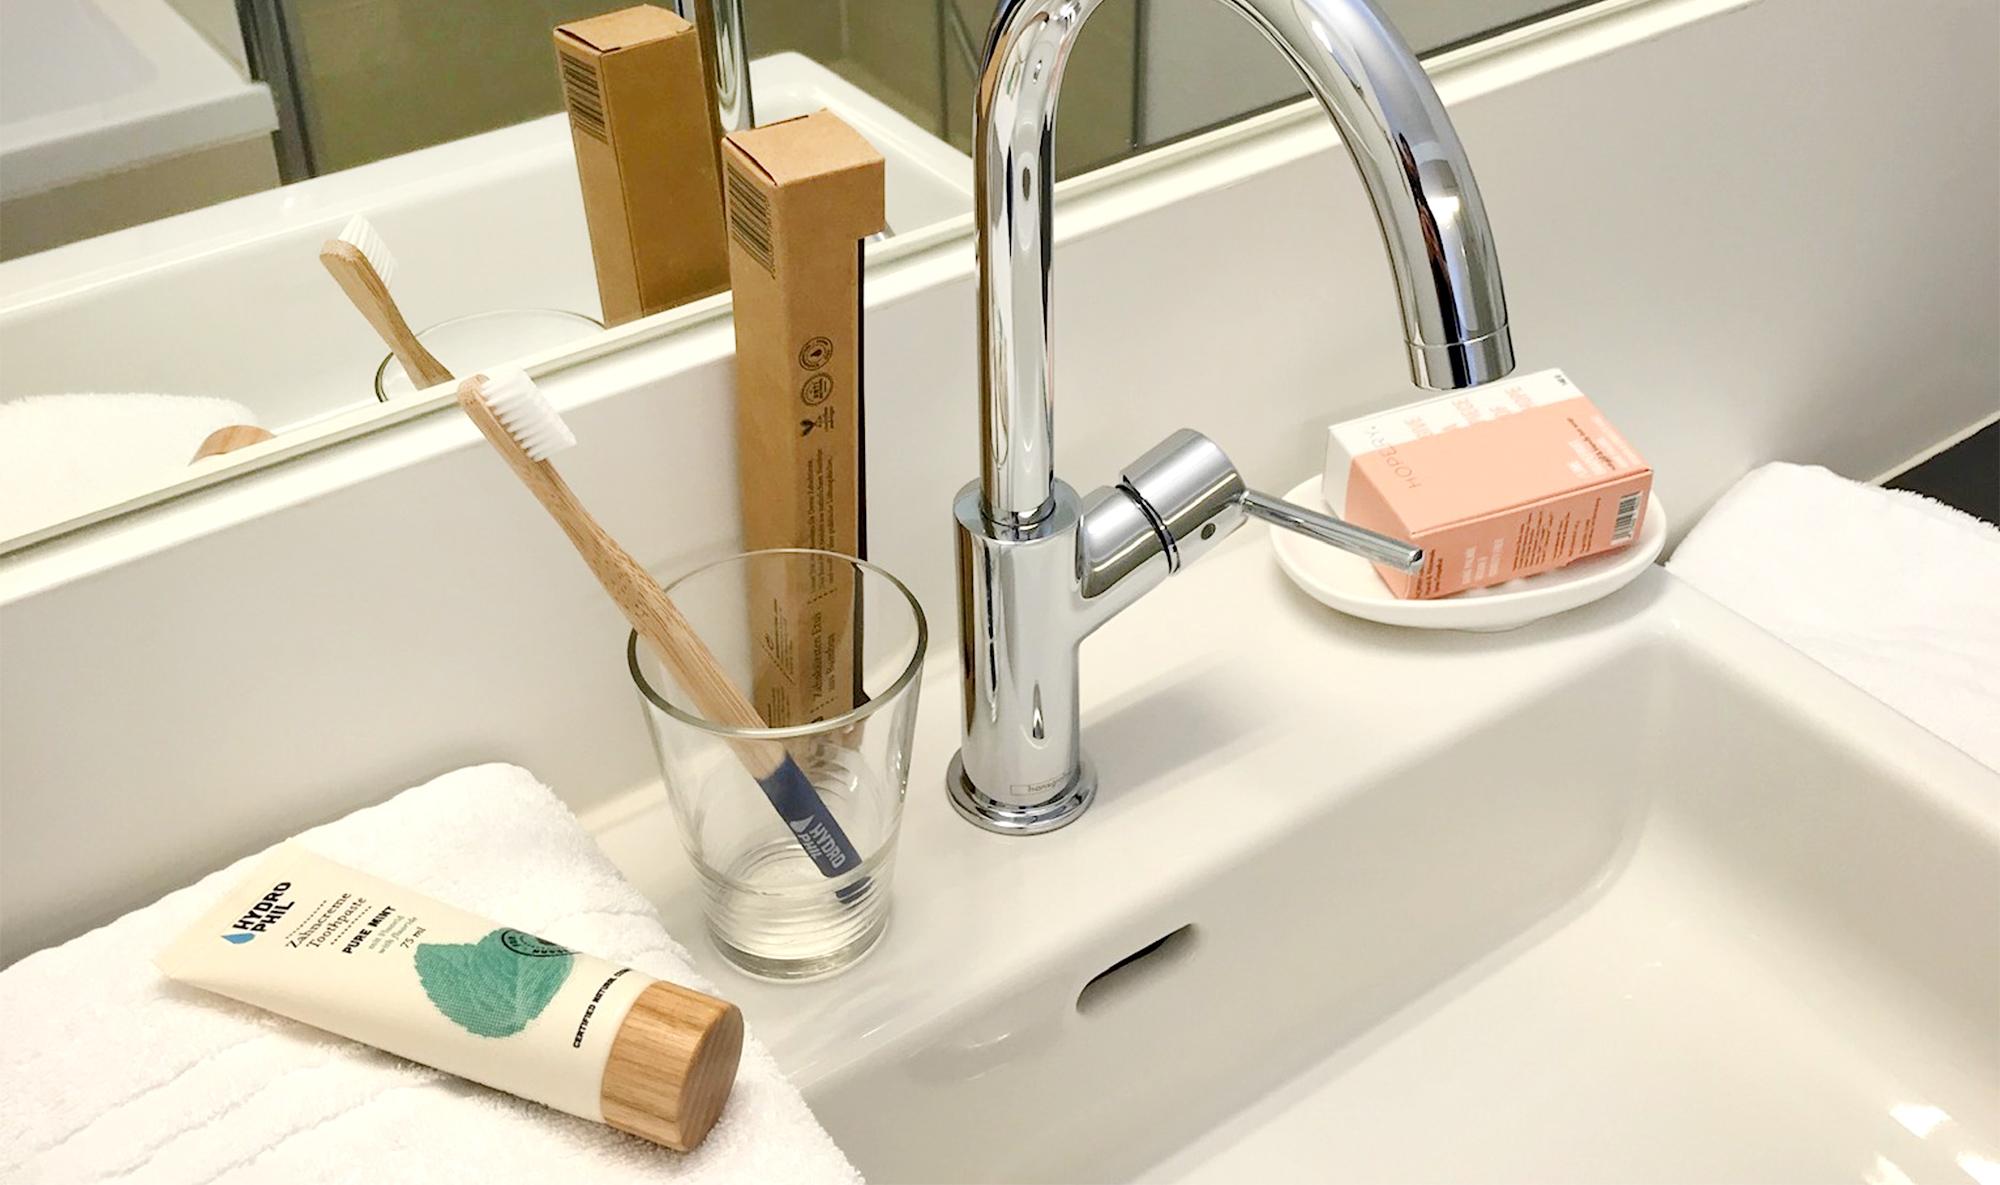 Gut und nachhaltig ausgestattet im Badezimmer